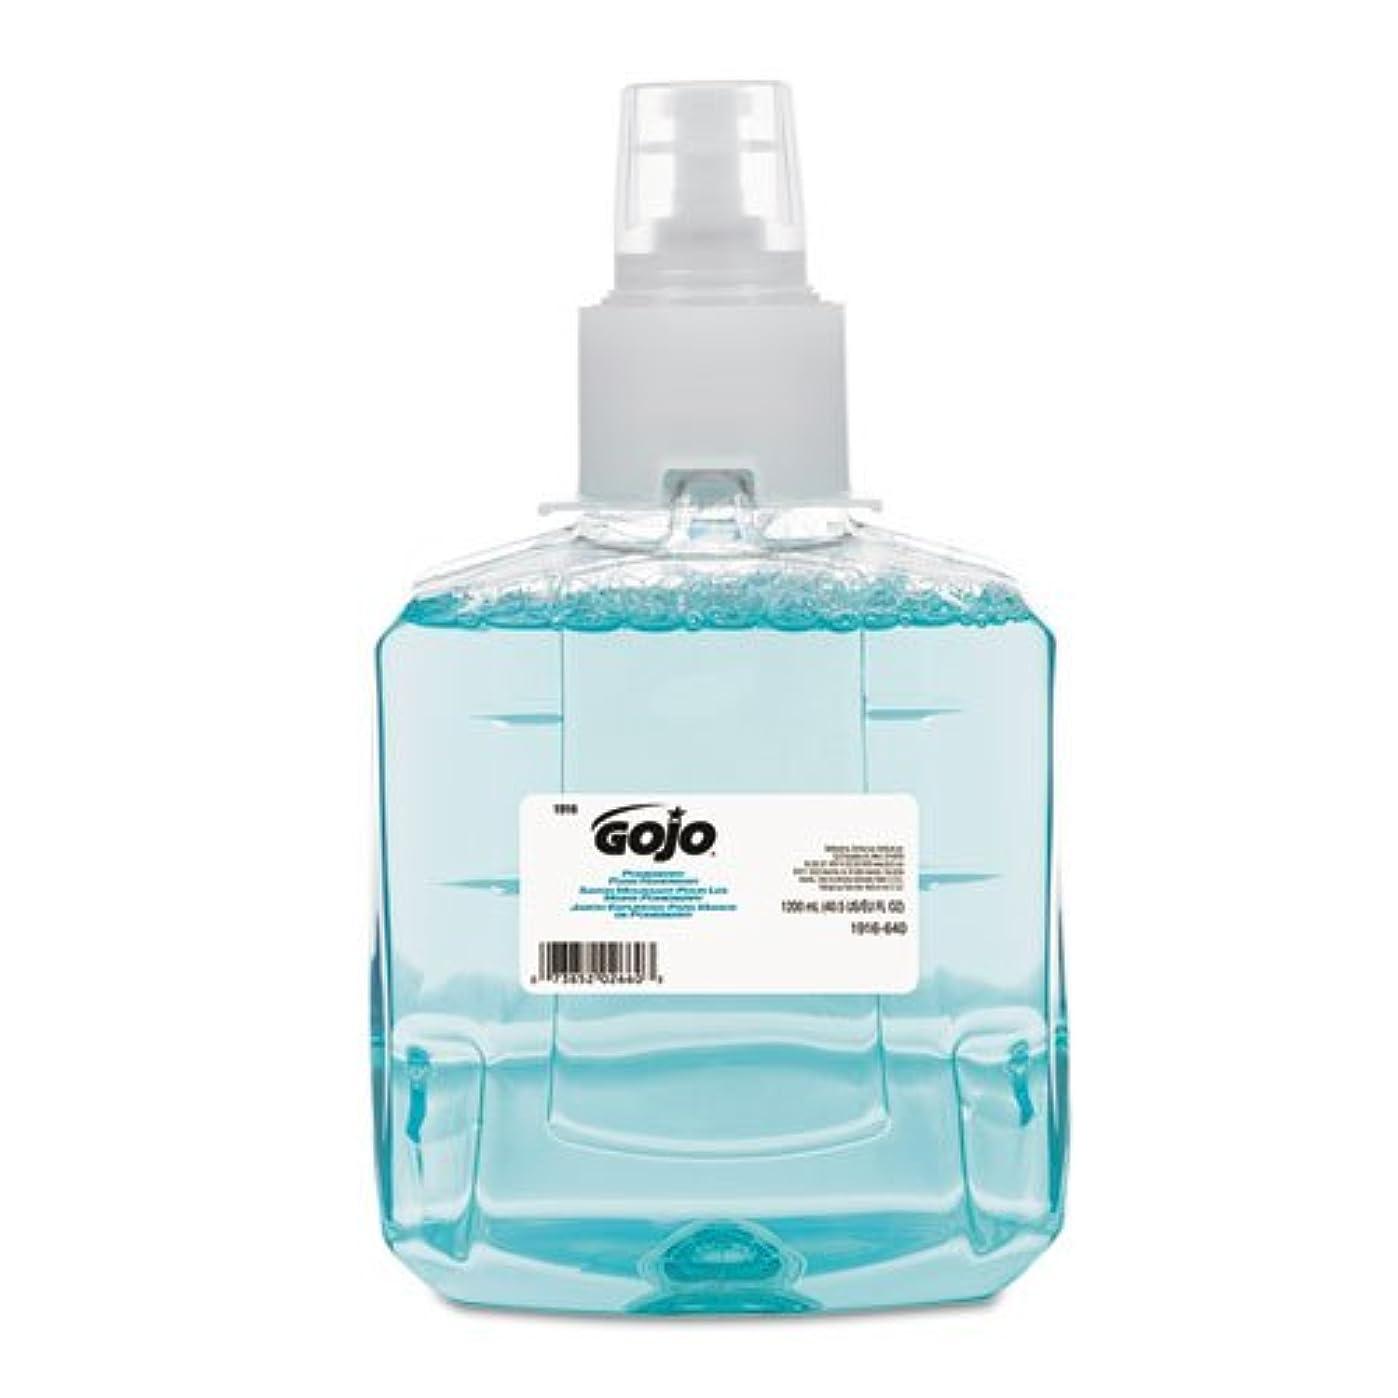 フットボール雪のラグgo-jo Industries 191602 CT Pomeberry泡手洗いリフィル、ザクロ、1200 ml詰め替え、2 /カートン